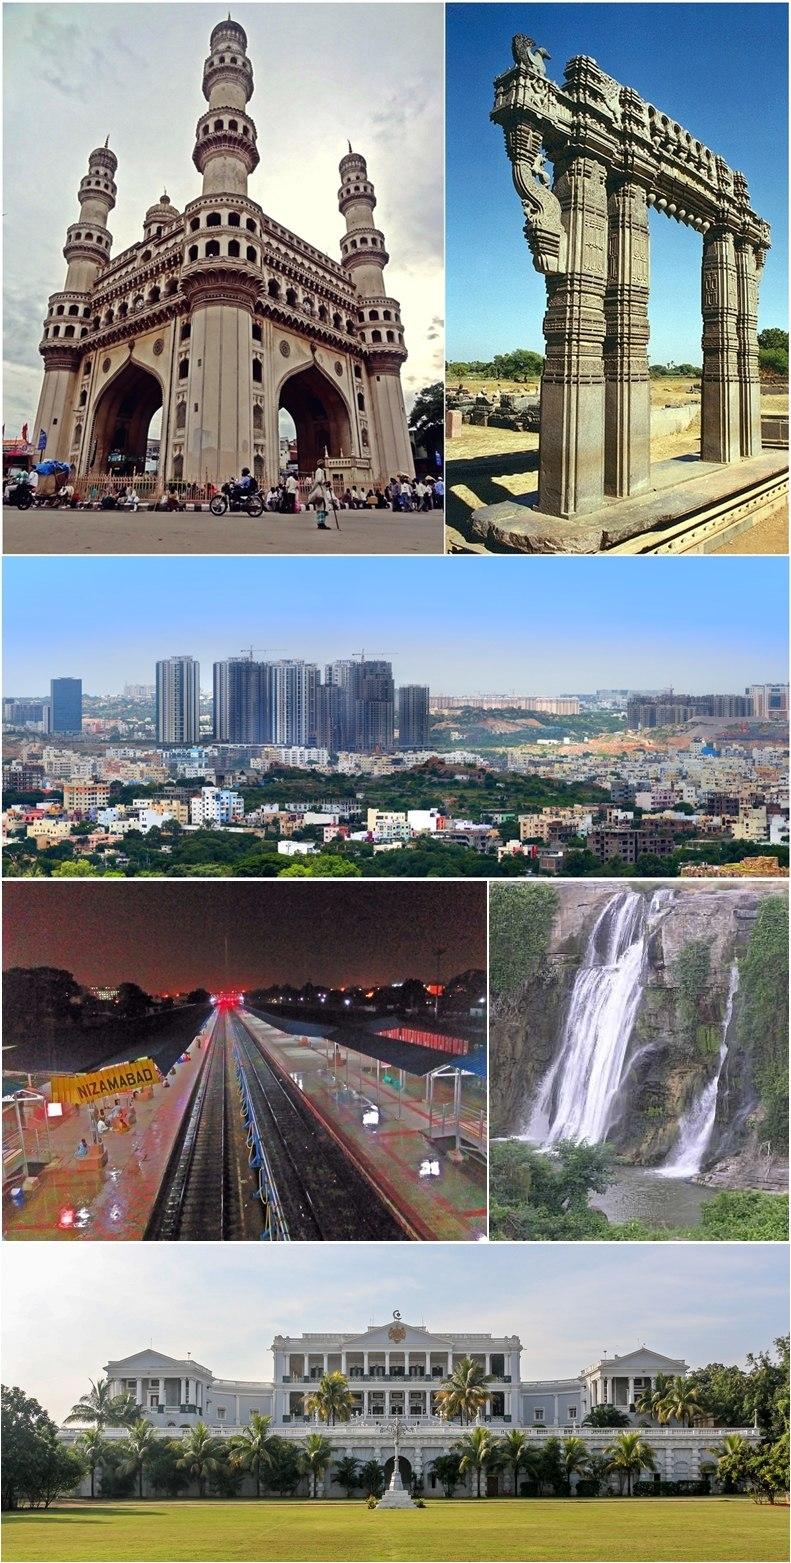 Montage of Telangana sidewise from left: Charminar, Warangal Fort, Hyderabad city, Nizamabad Railway Station, Kuntala Waterfalls, Falaknuma Palace